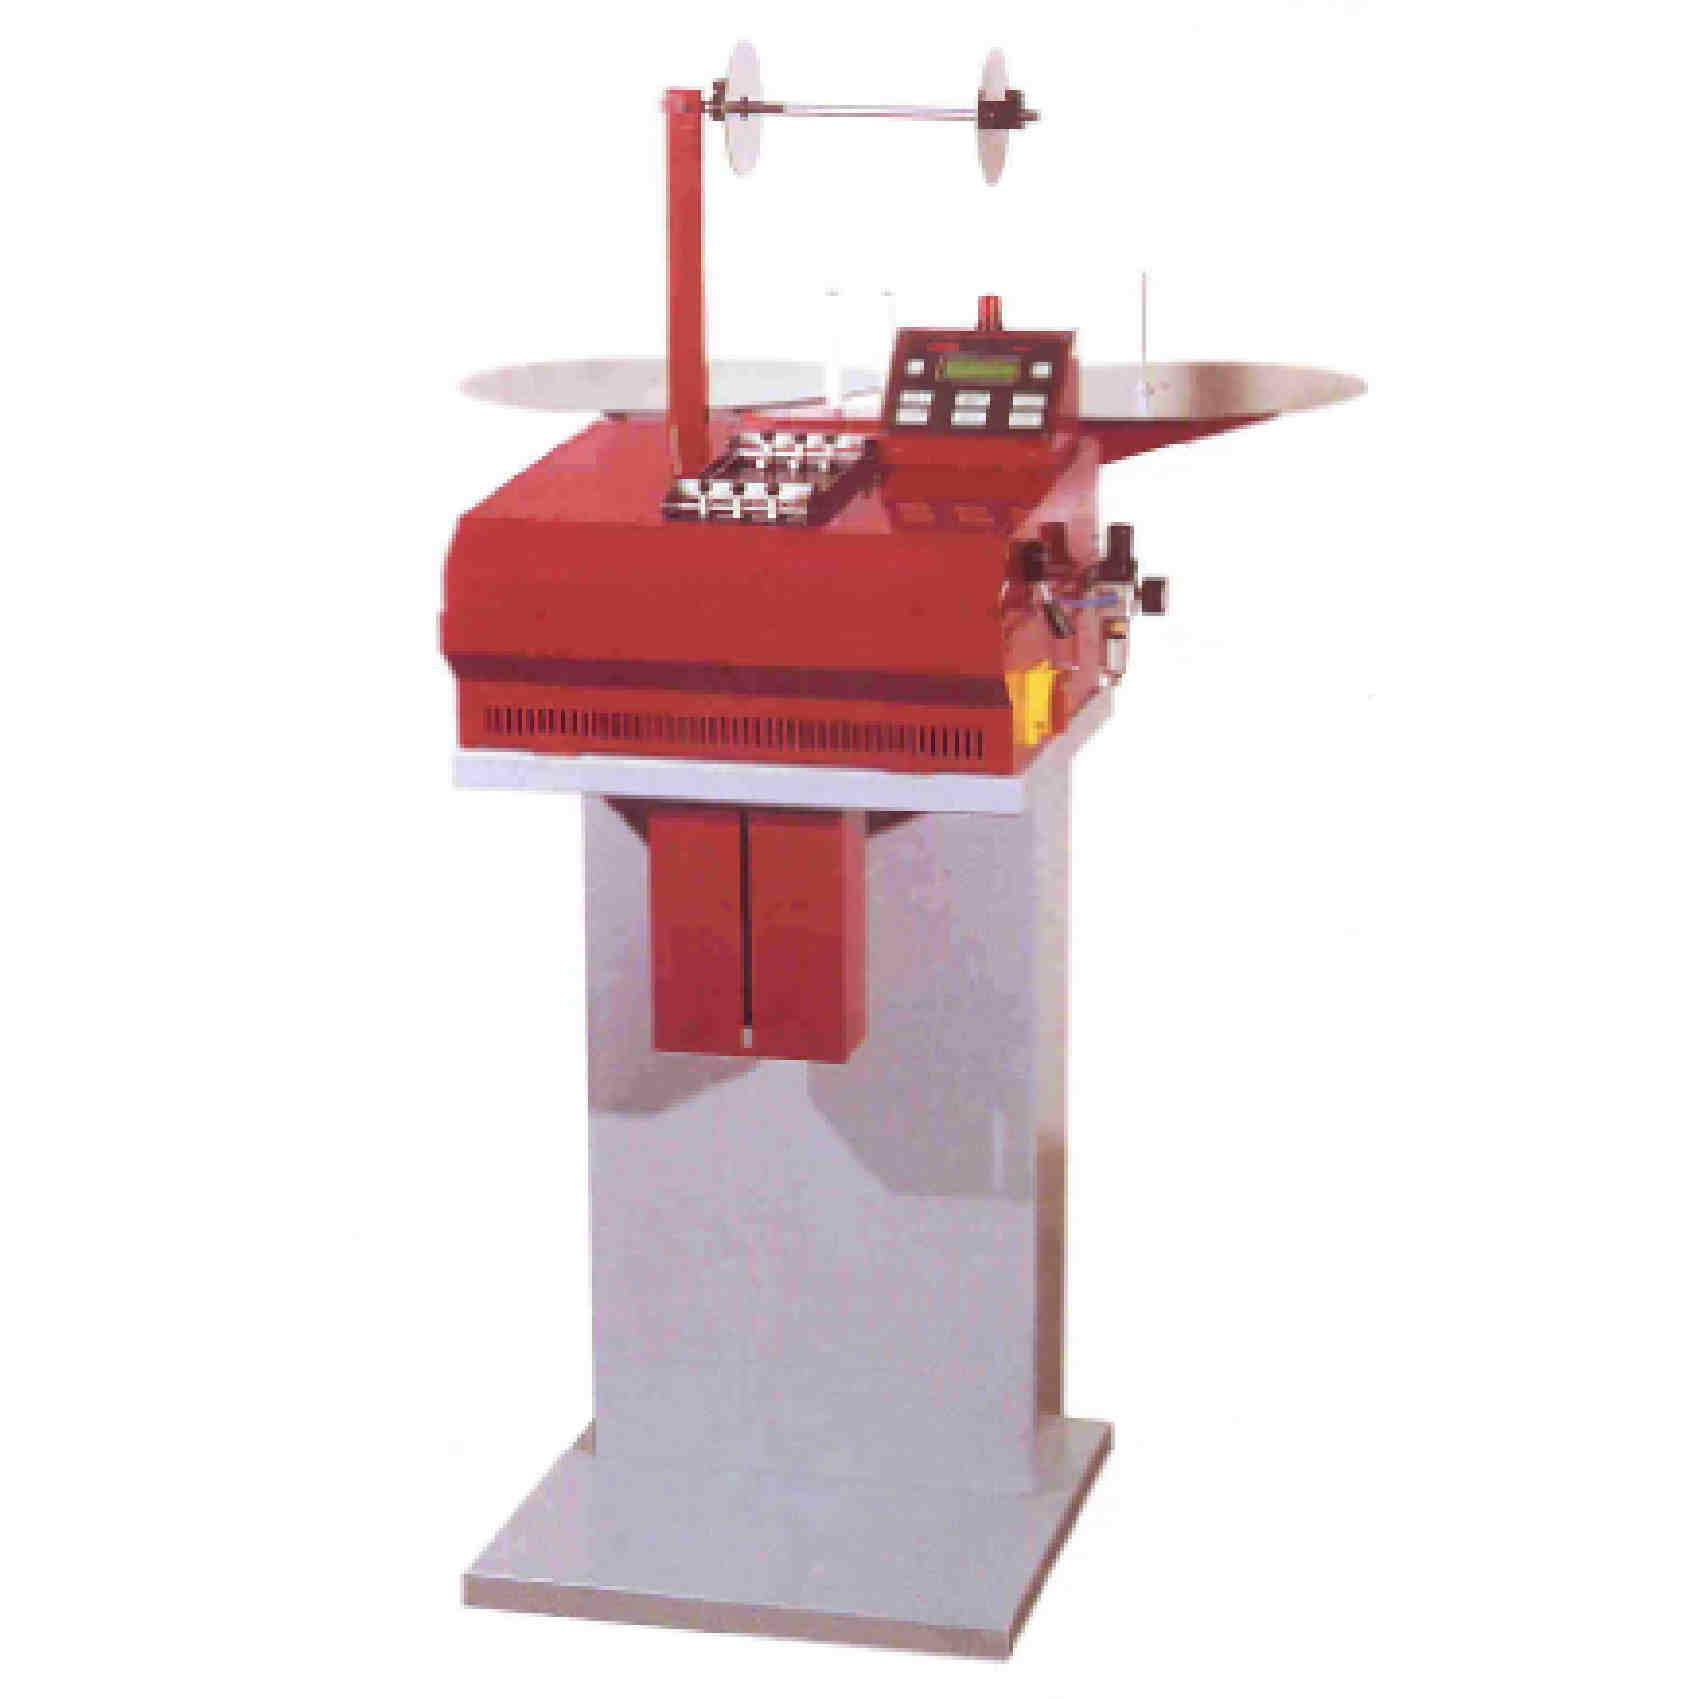 Découpe à longueur en automatique pour les matériaux souples jusqu'à 100 mm de largeur